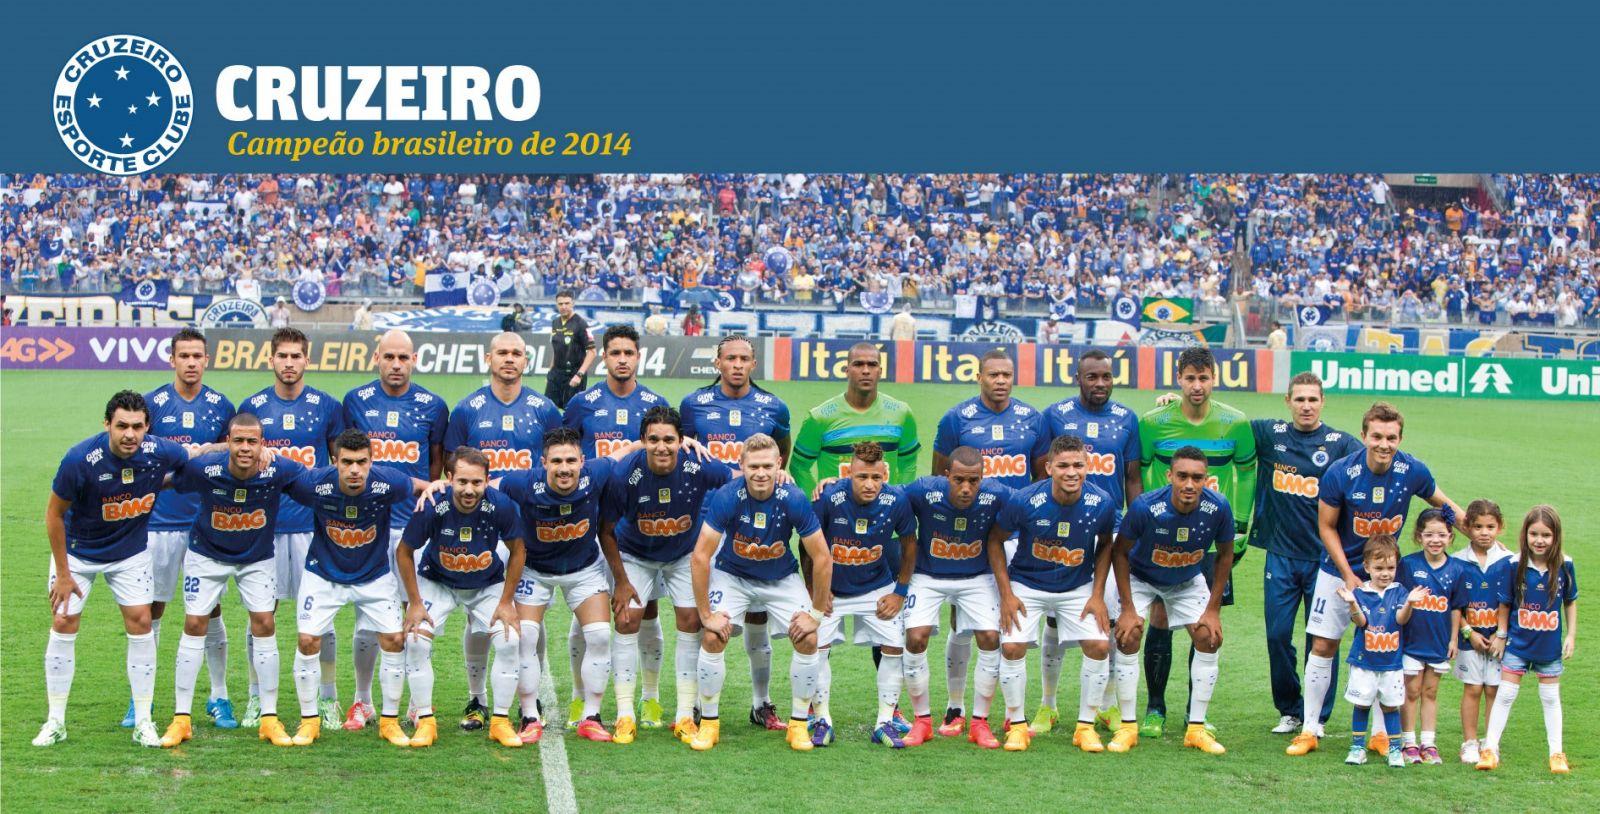 Cruzeiro campe?o brasileiro 2014